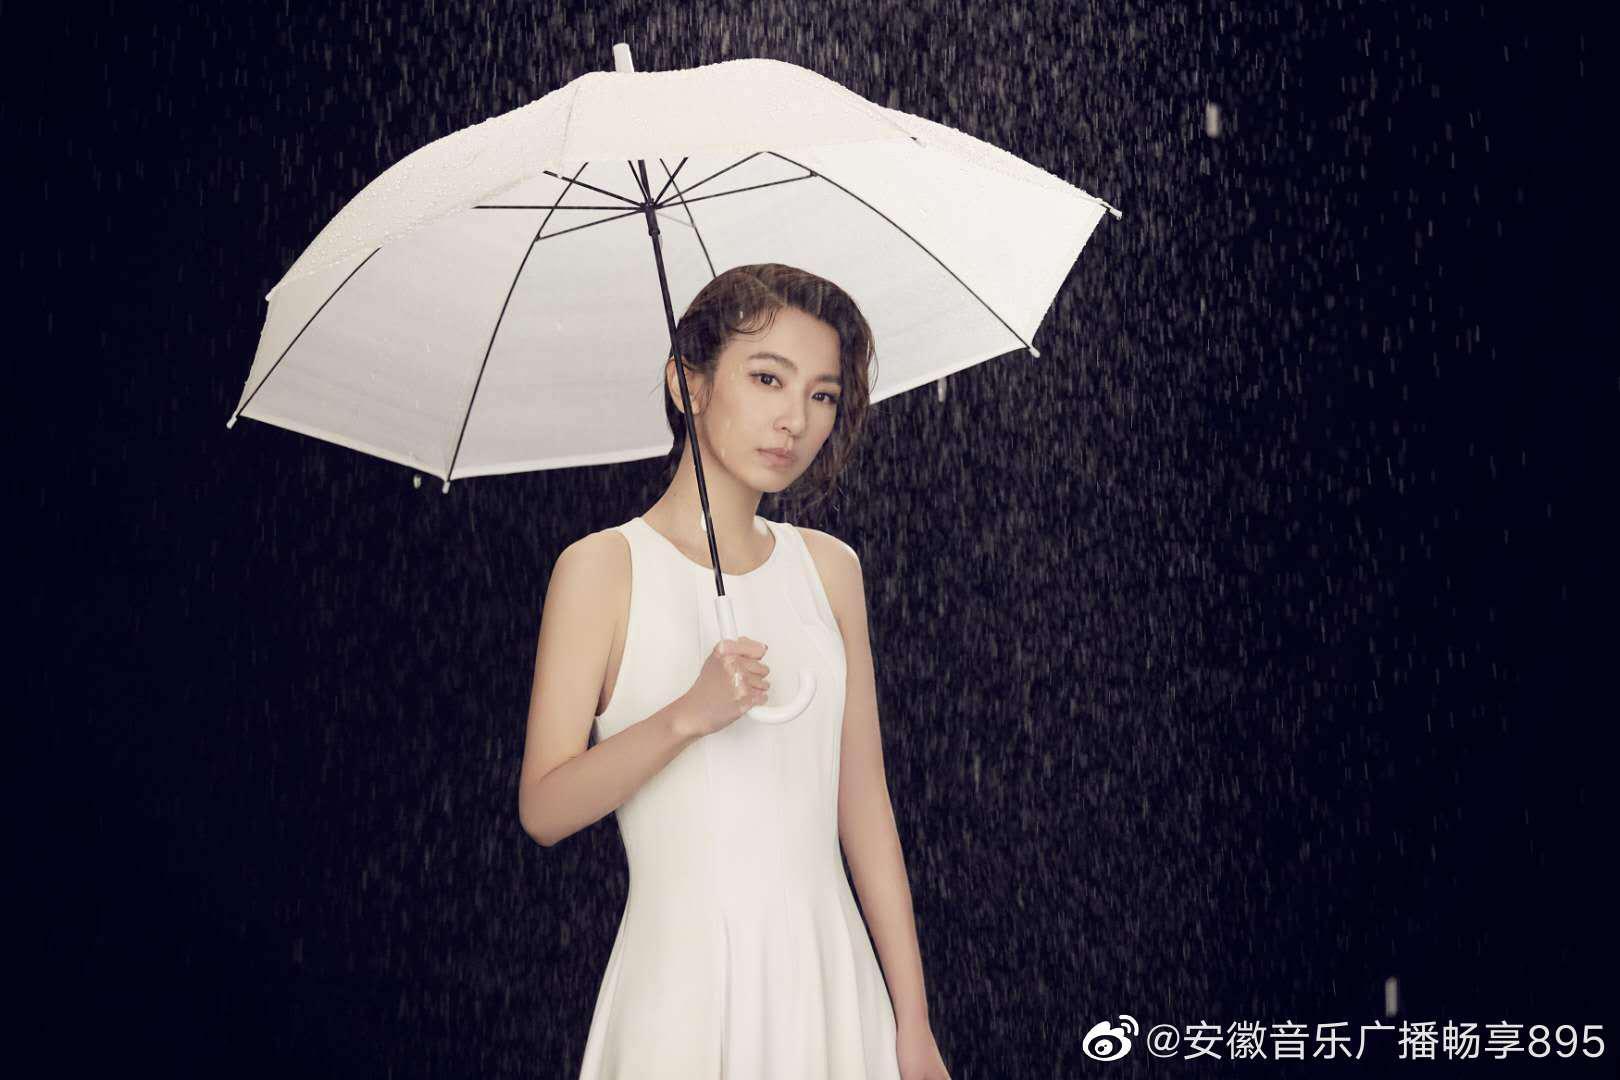 正式上线,@田馥甄Hebe 撑伞漫步于西洋镜转台……